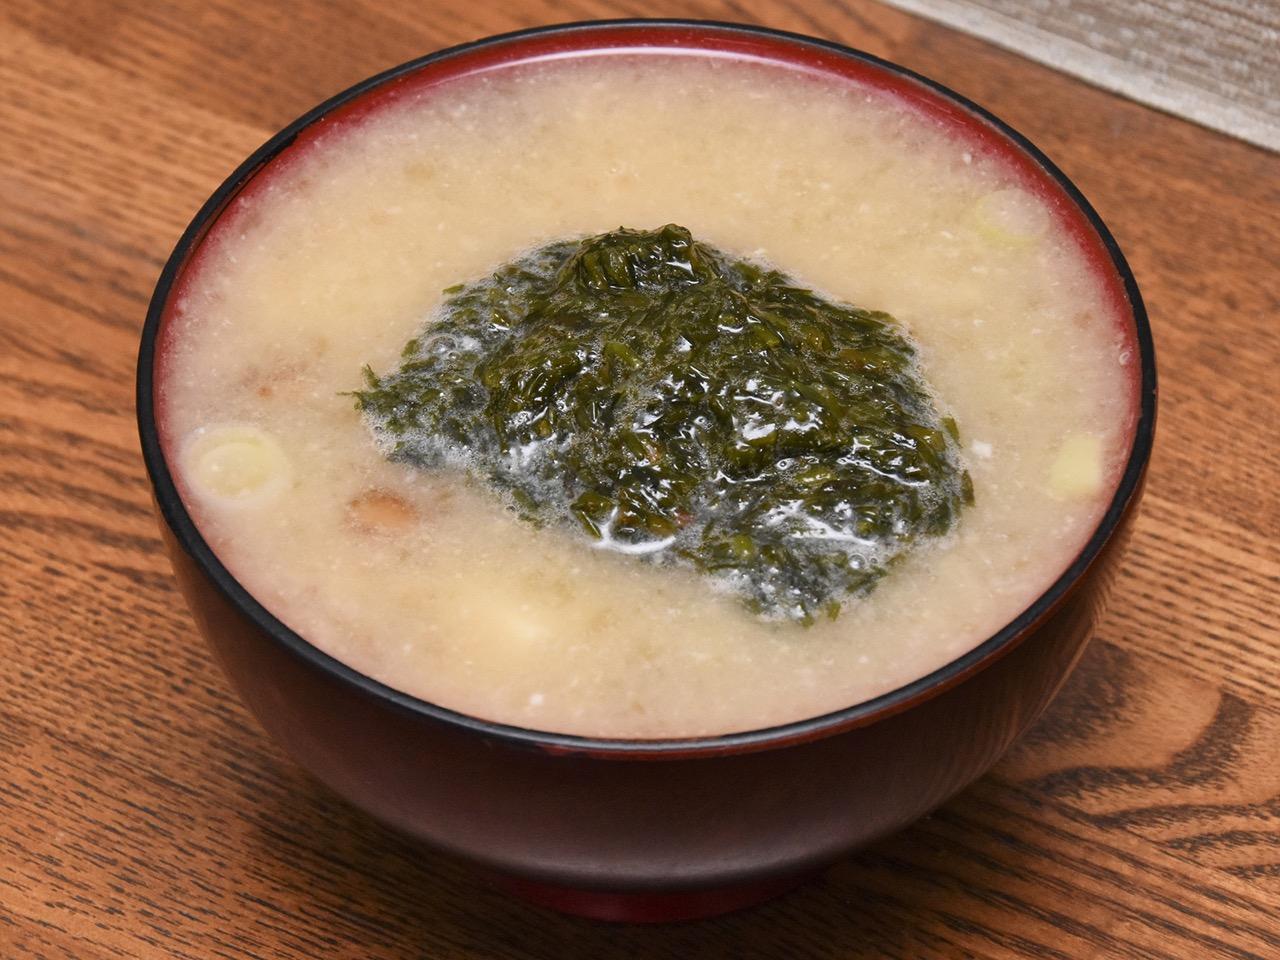 味噌汁と一緒に|ギバサおすすめ食べ方